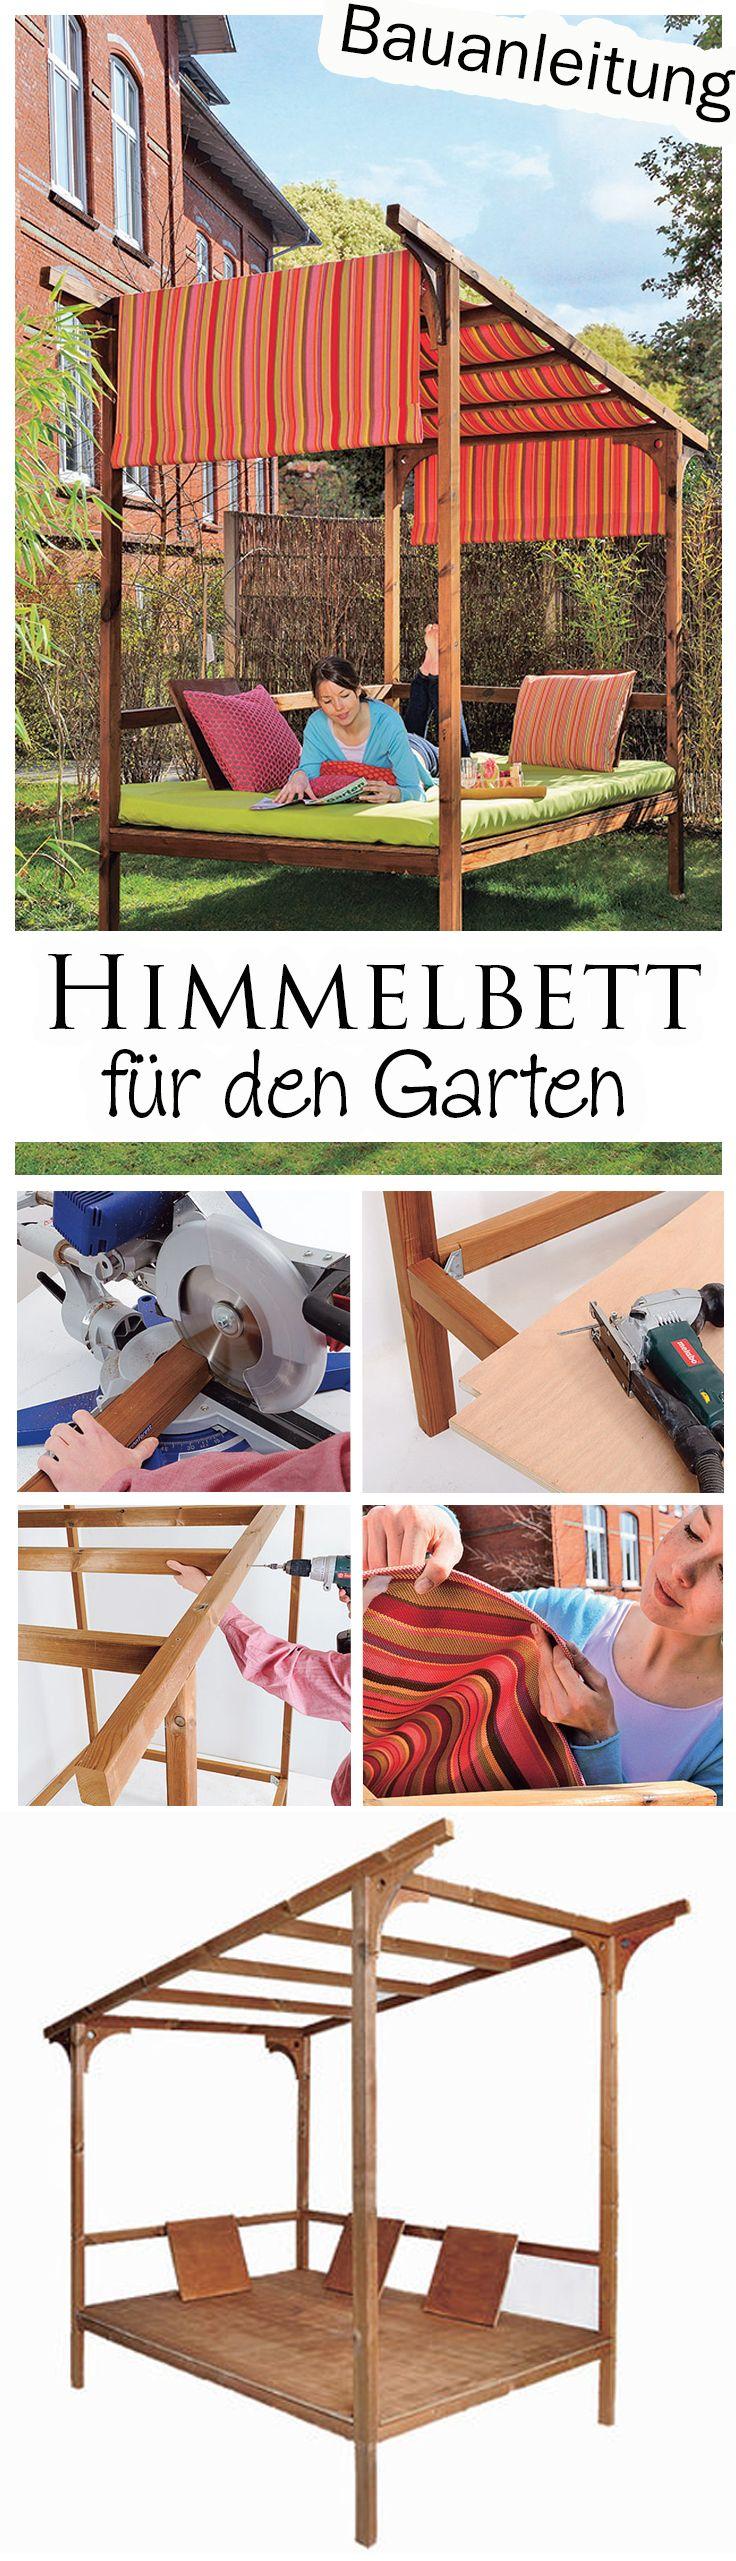 Himmelbett Für Den Garten | Gartenmöbel Bauen | Pinterest | Garten, Garten  Ideen Und Himmelbett